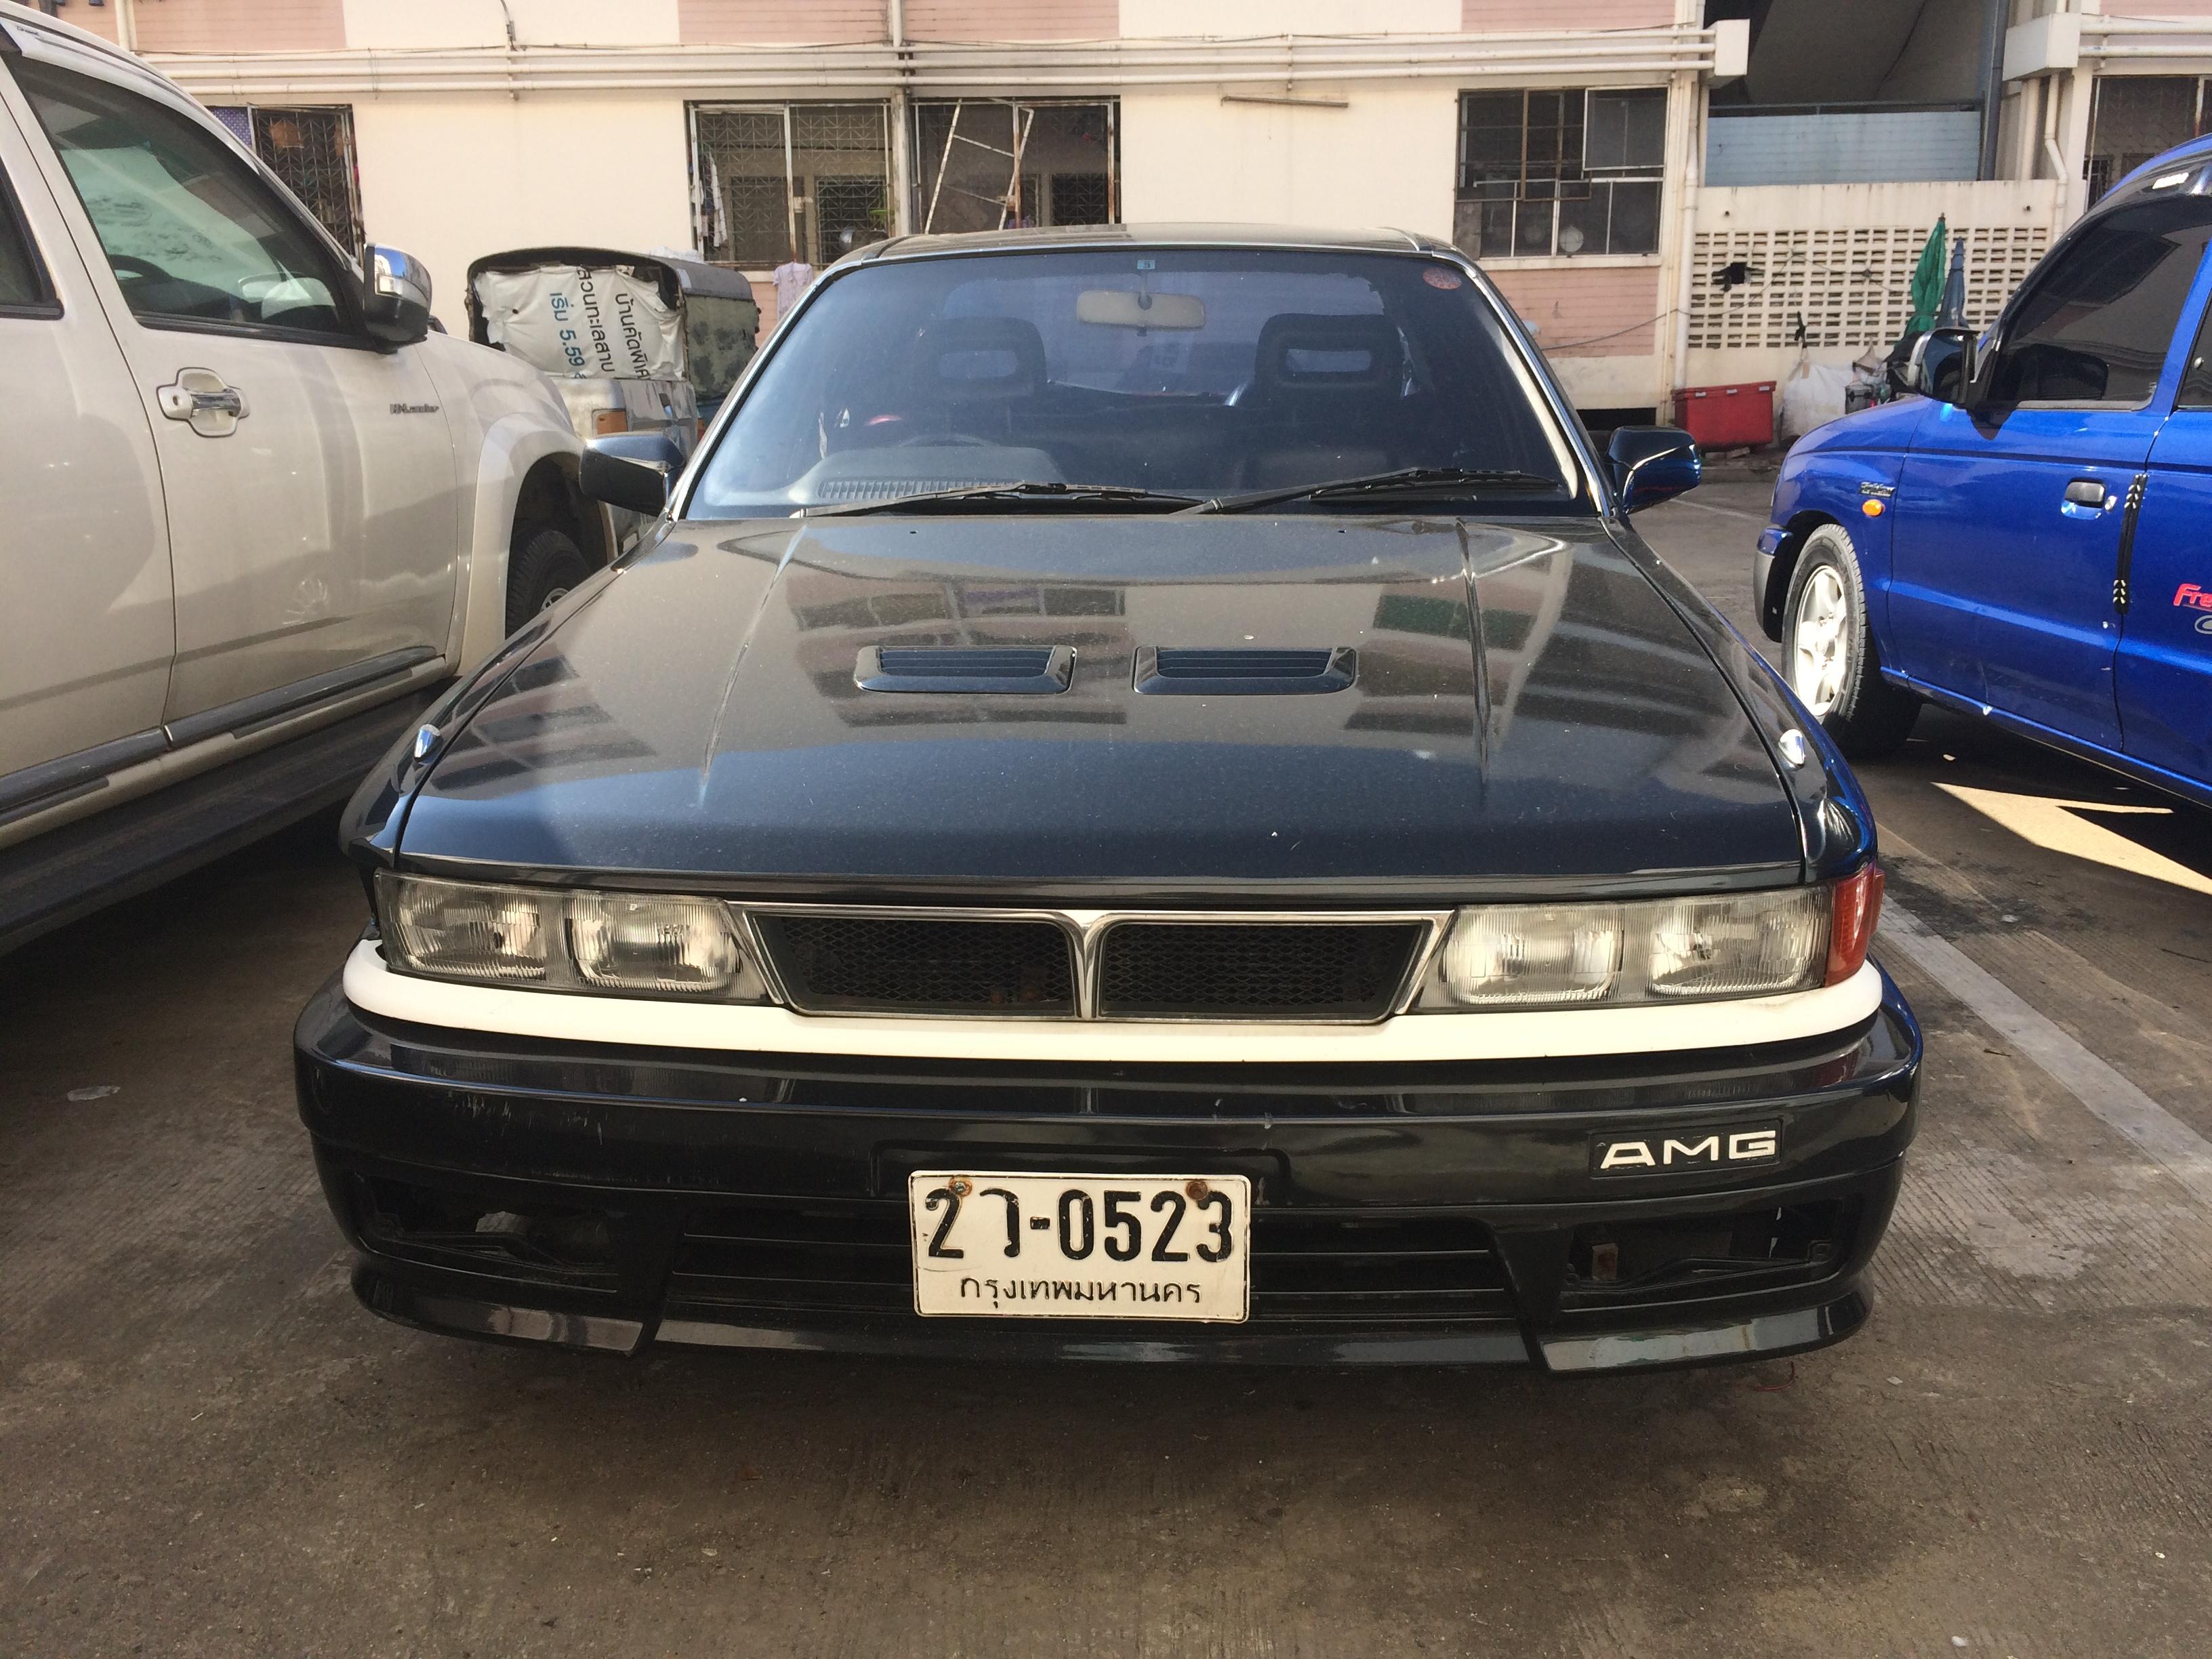 file:1989 mitsubishi galant (e-e33a) amg sedan (13-10-2017) 10